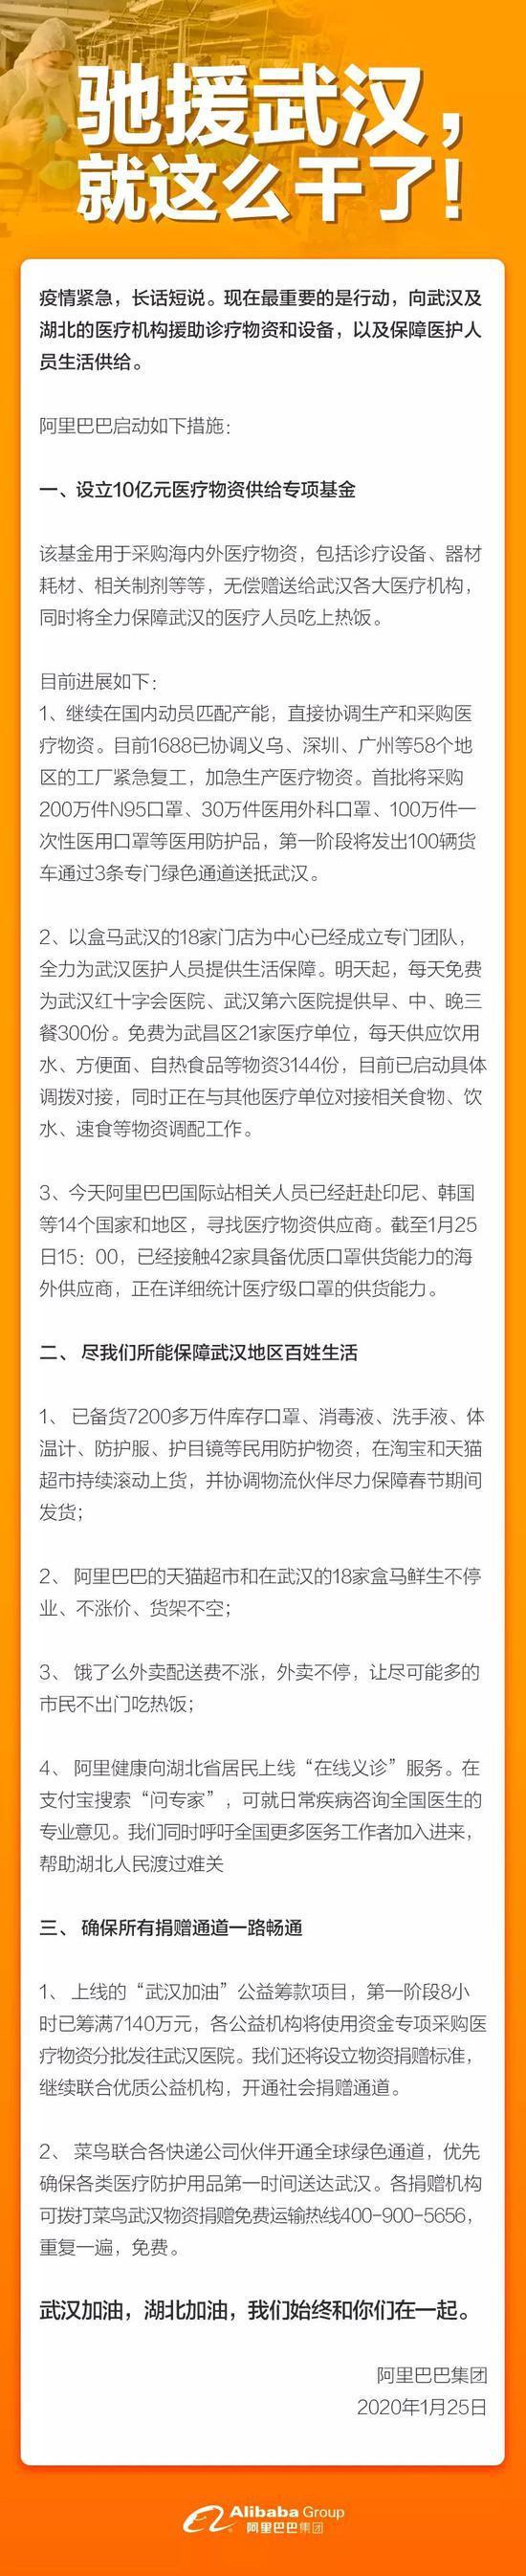 驰援武汉 中国企业家俱乐部理事企业立即行动